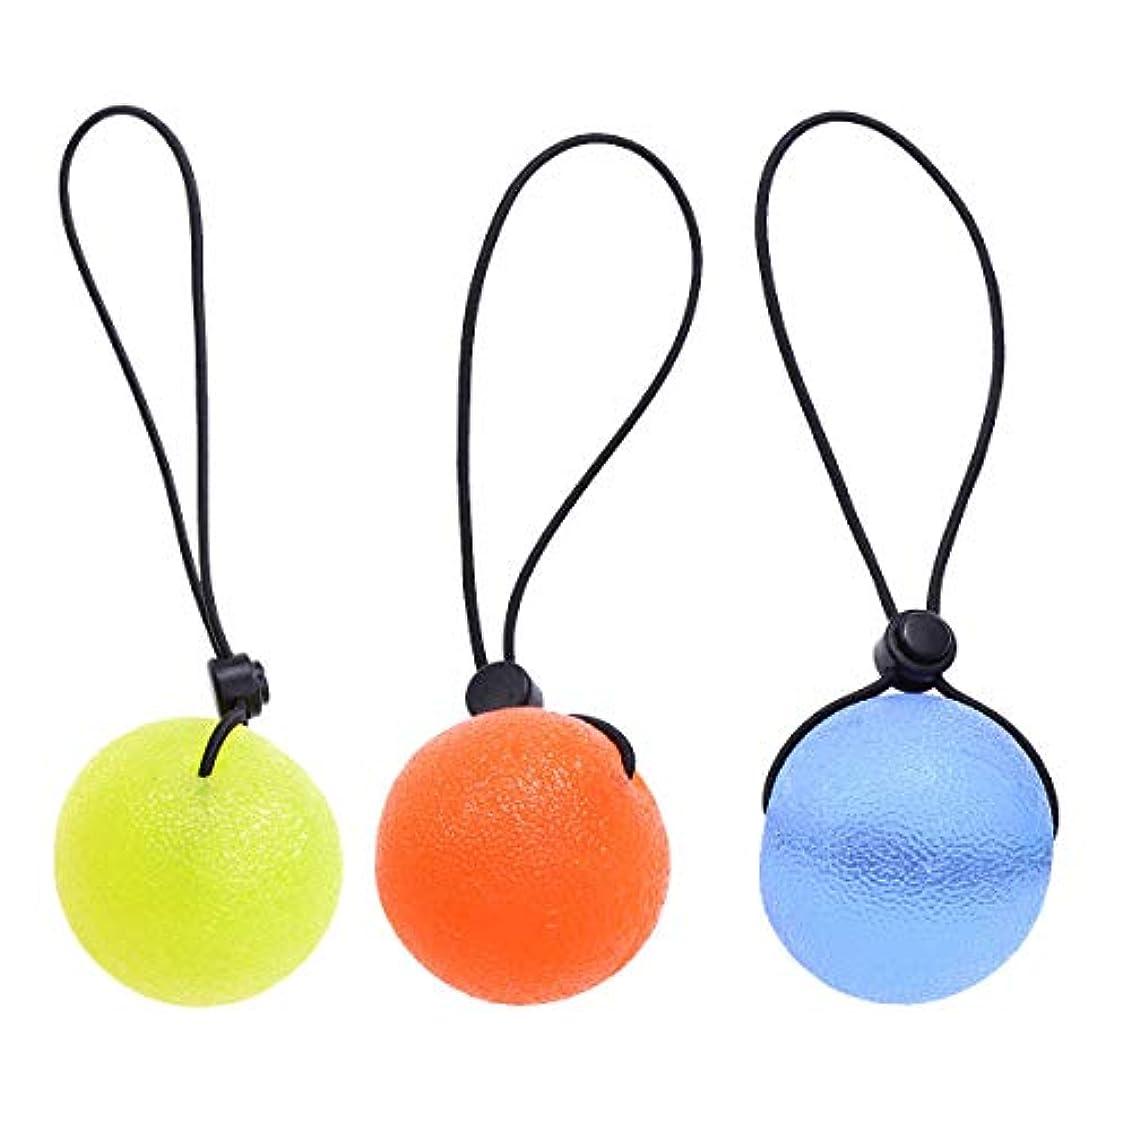 ファブリック種類退屈させるSUPVOX 3個ハンドグリップ強化剤フィンガーグリップセラピーエクササイズスクイズストレスボール